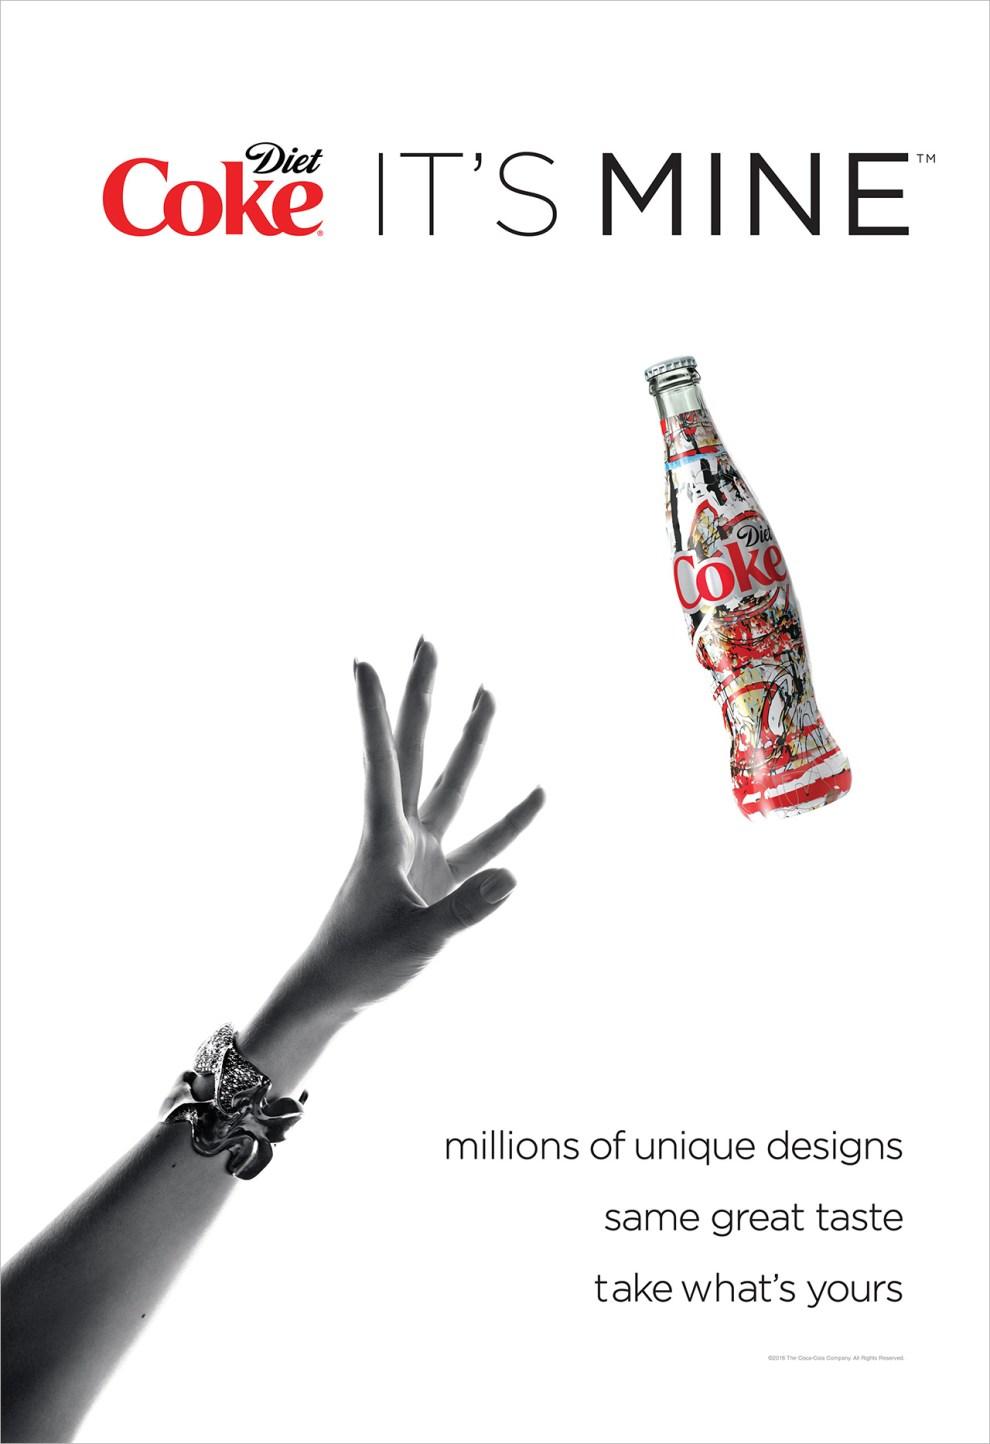 diet-coke-unique-labels-its-mine-3